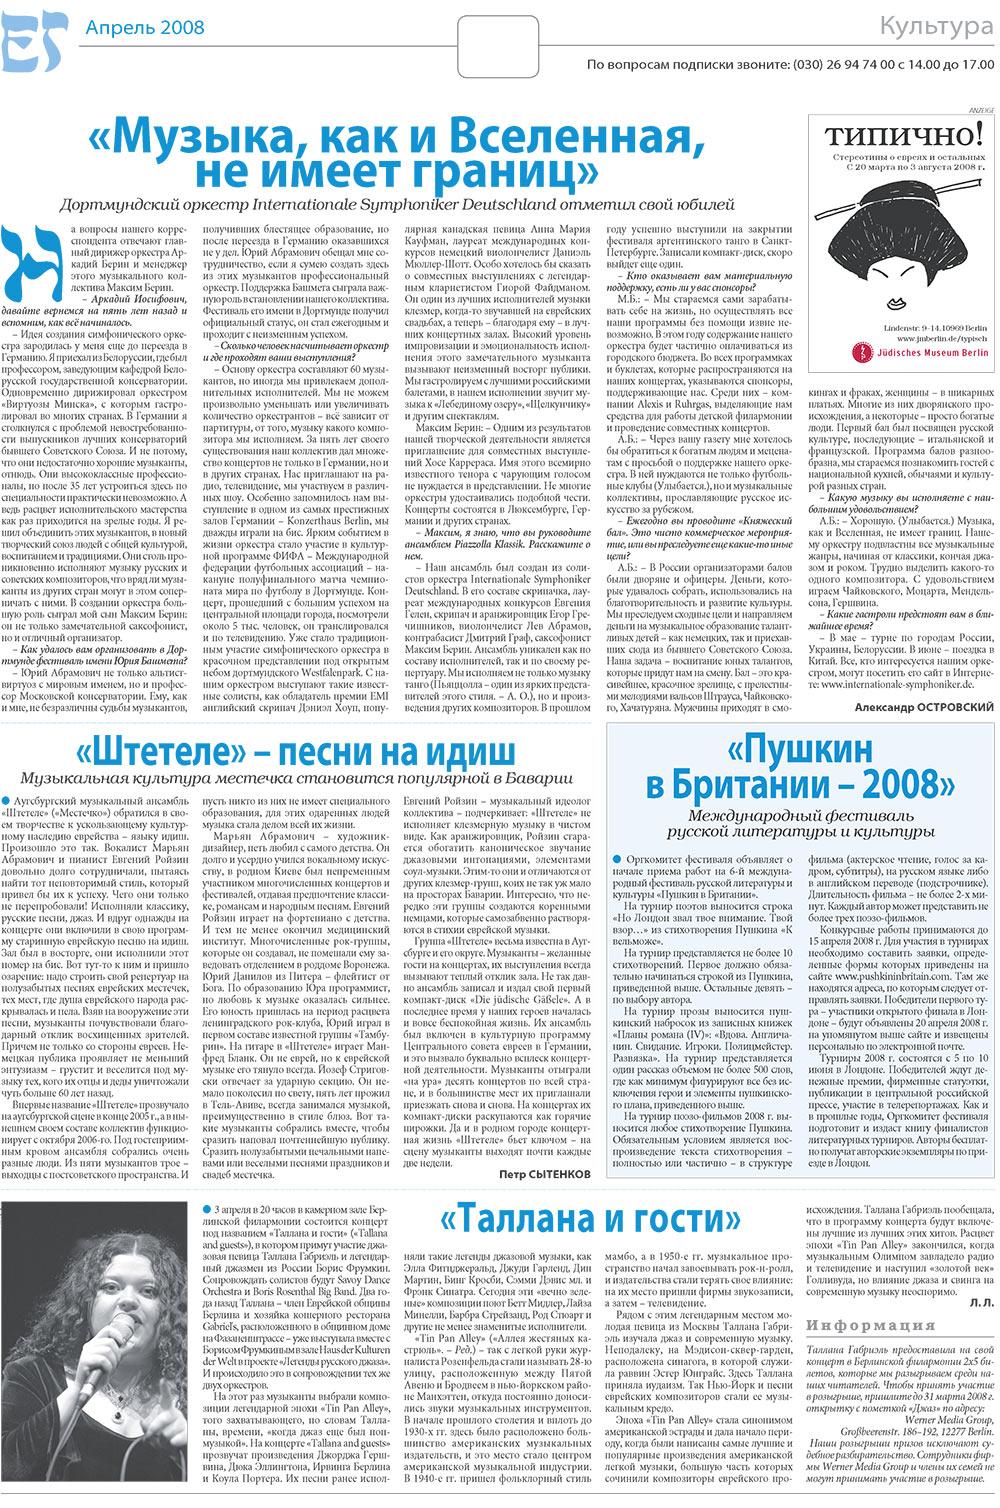 Еврейская газета (газета). 2008 год, номер 4, стр. 15